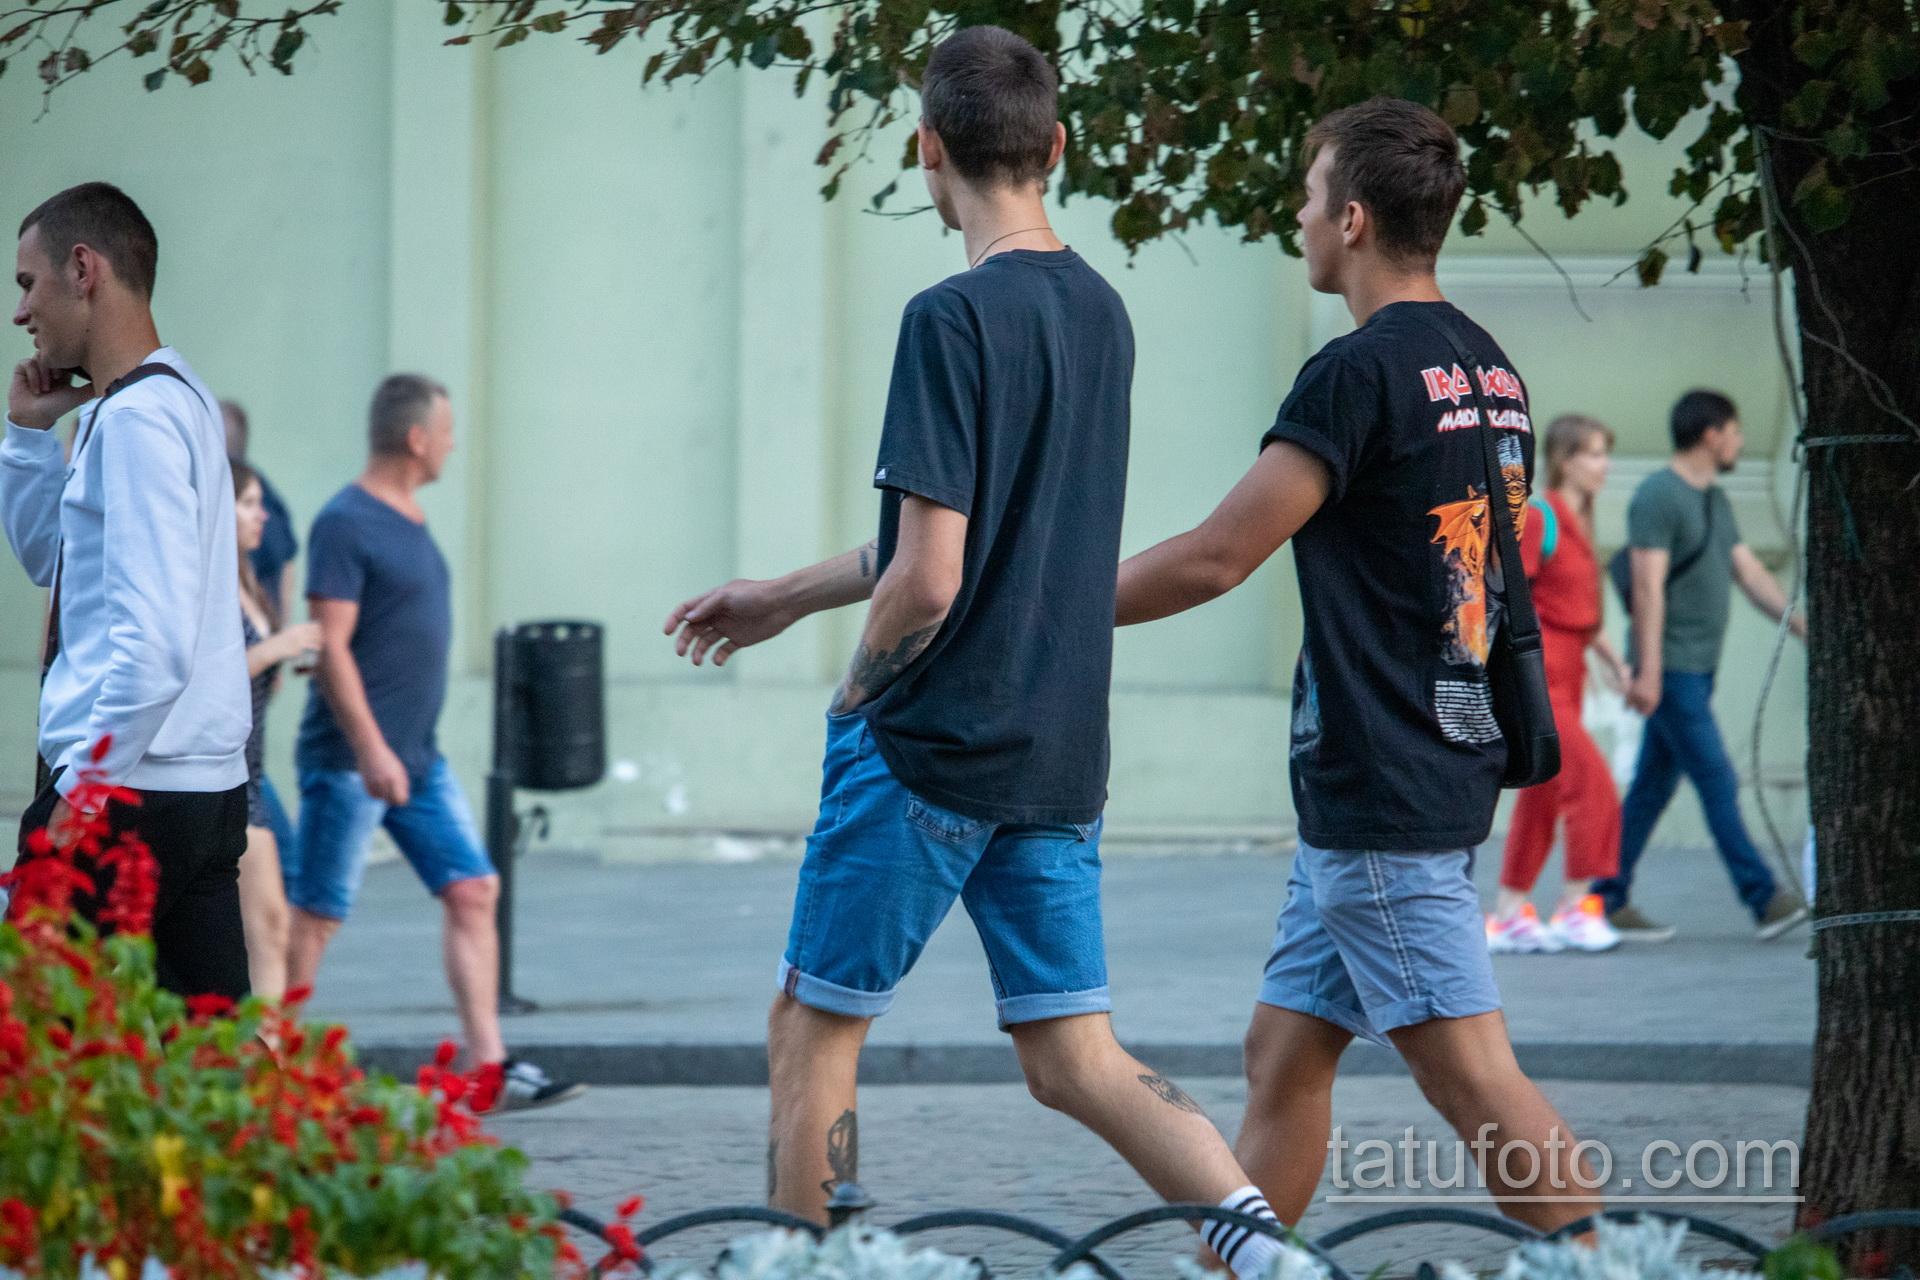 Тату с волком внизу ноги парня – Уличная татуировка 14.09.2020 – tatufoto.com 3